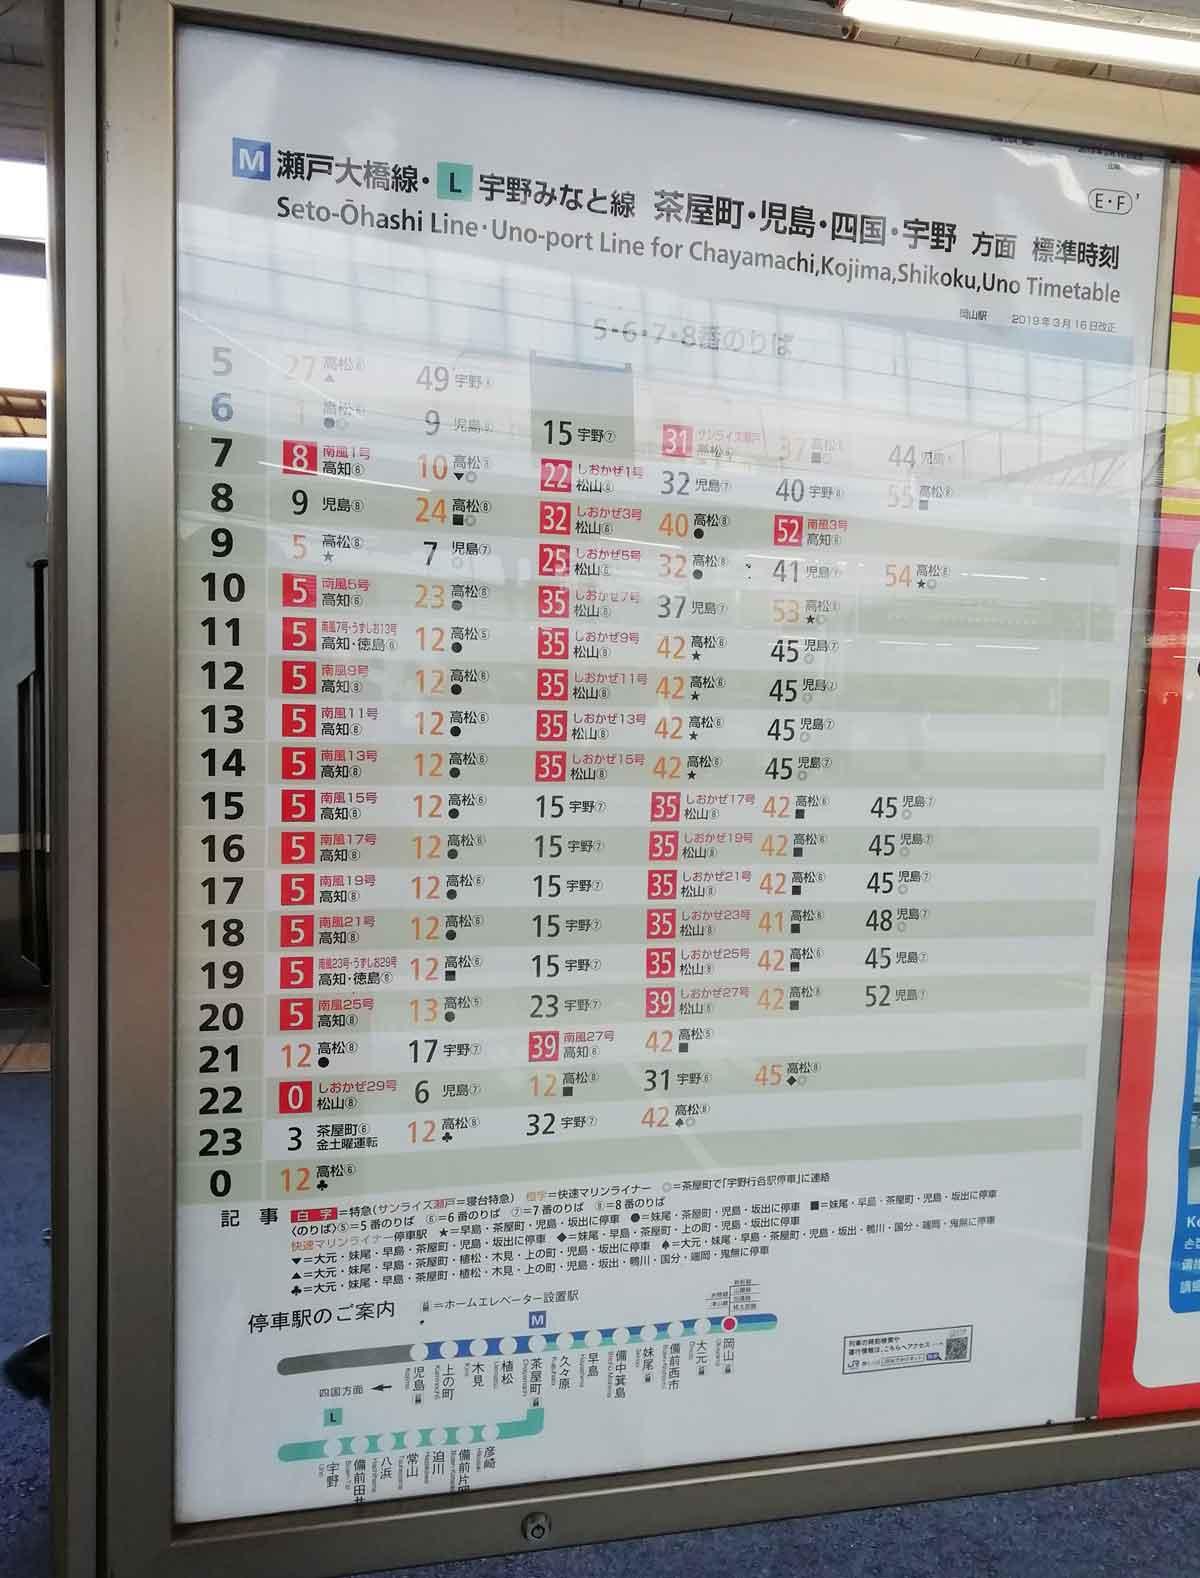 瀬戸大橋線の時刻表